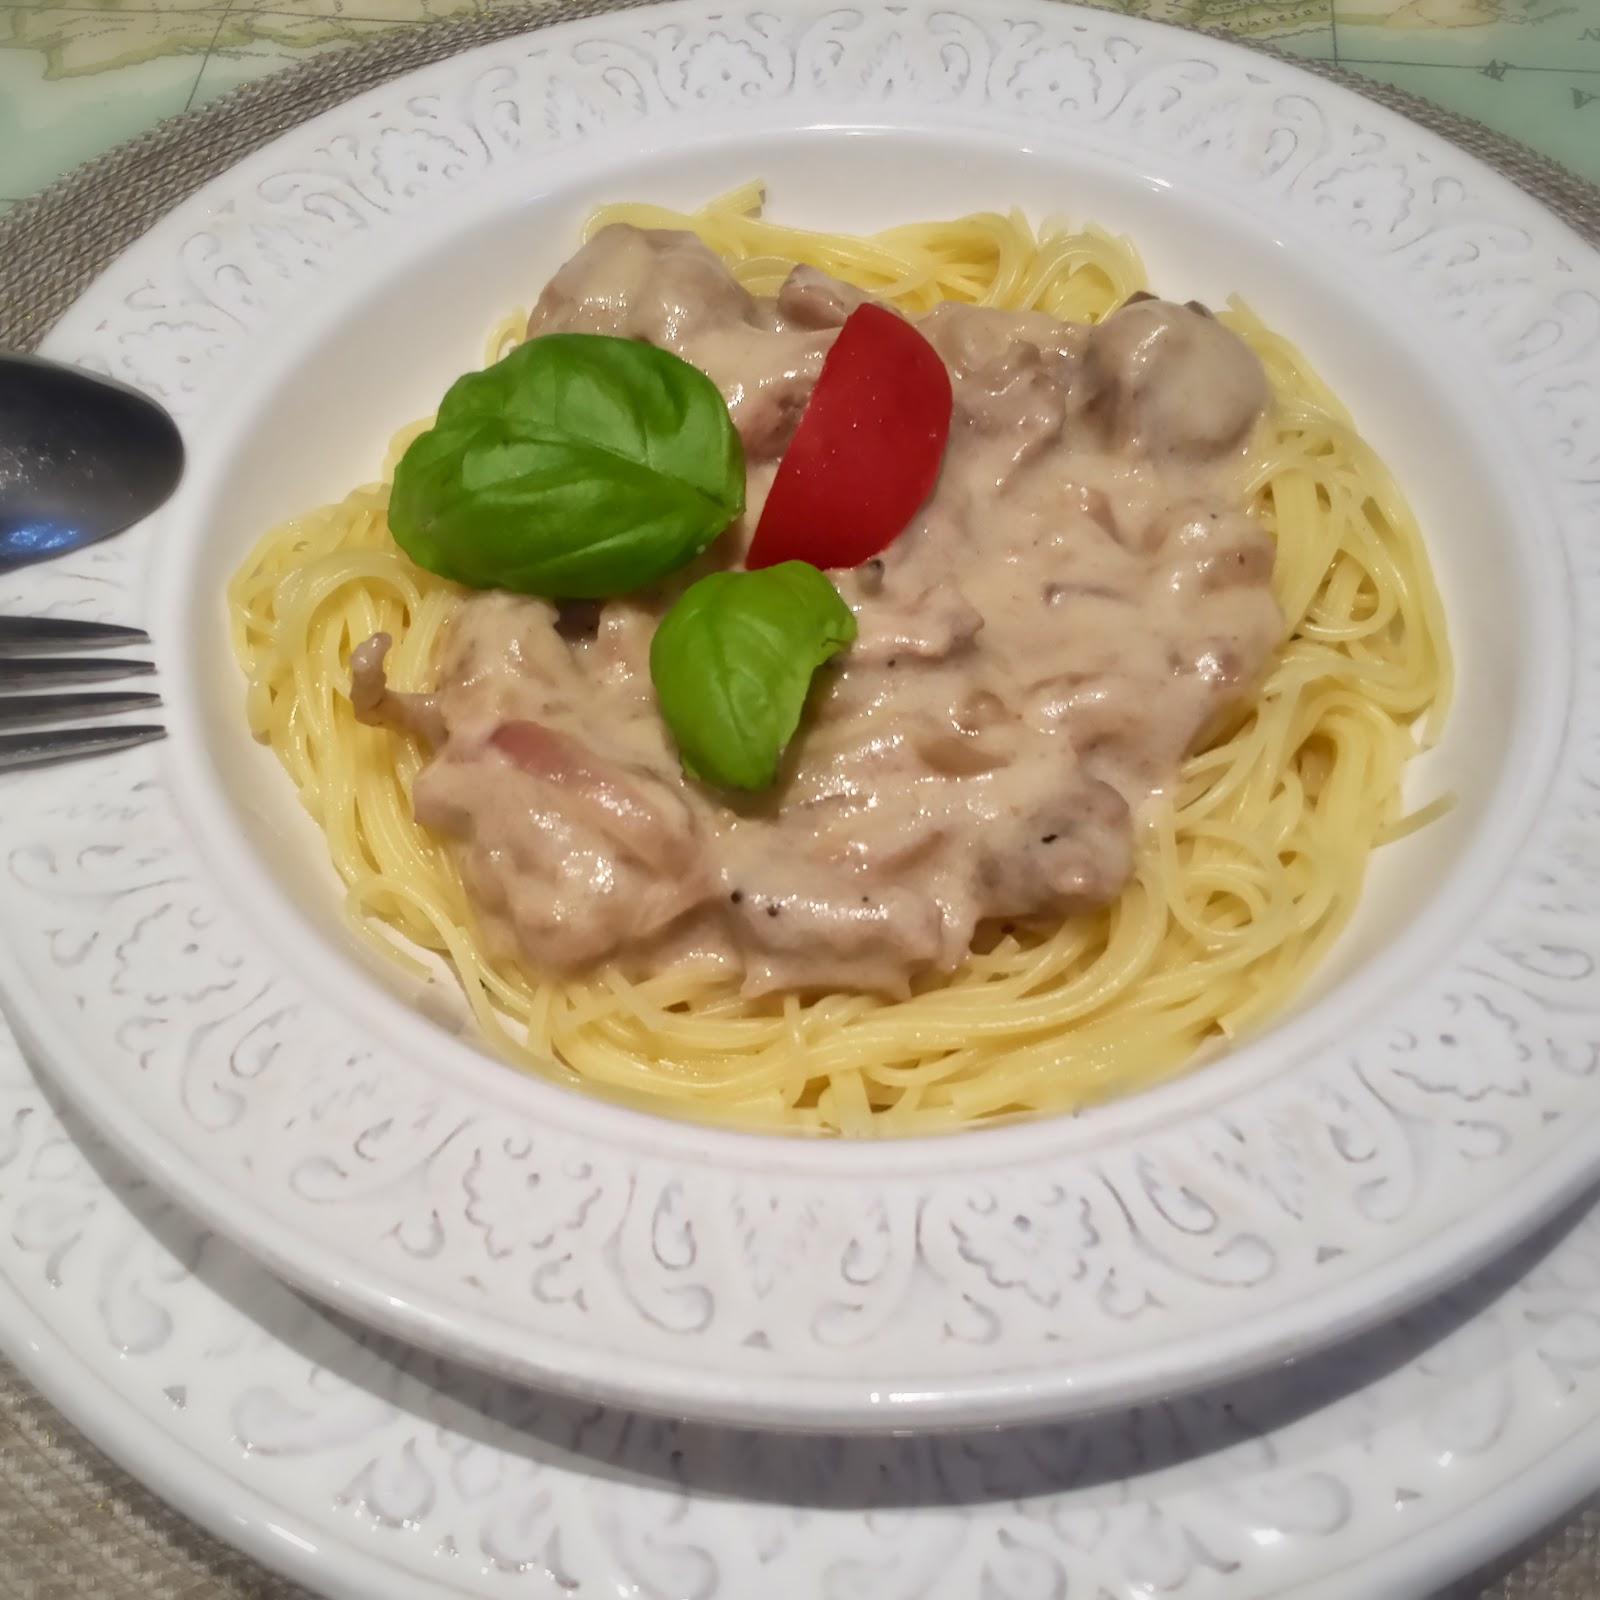 спагетти с курицей соус бешамель дор блю